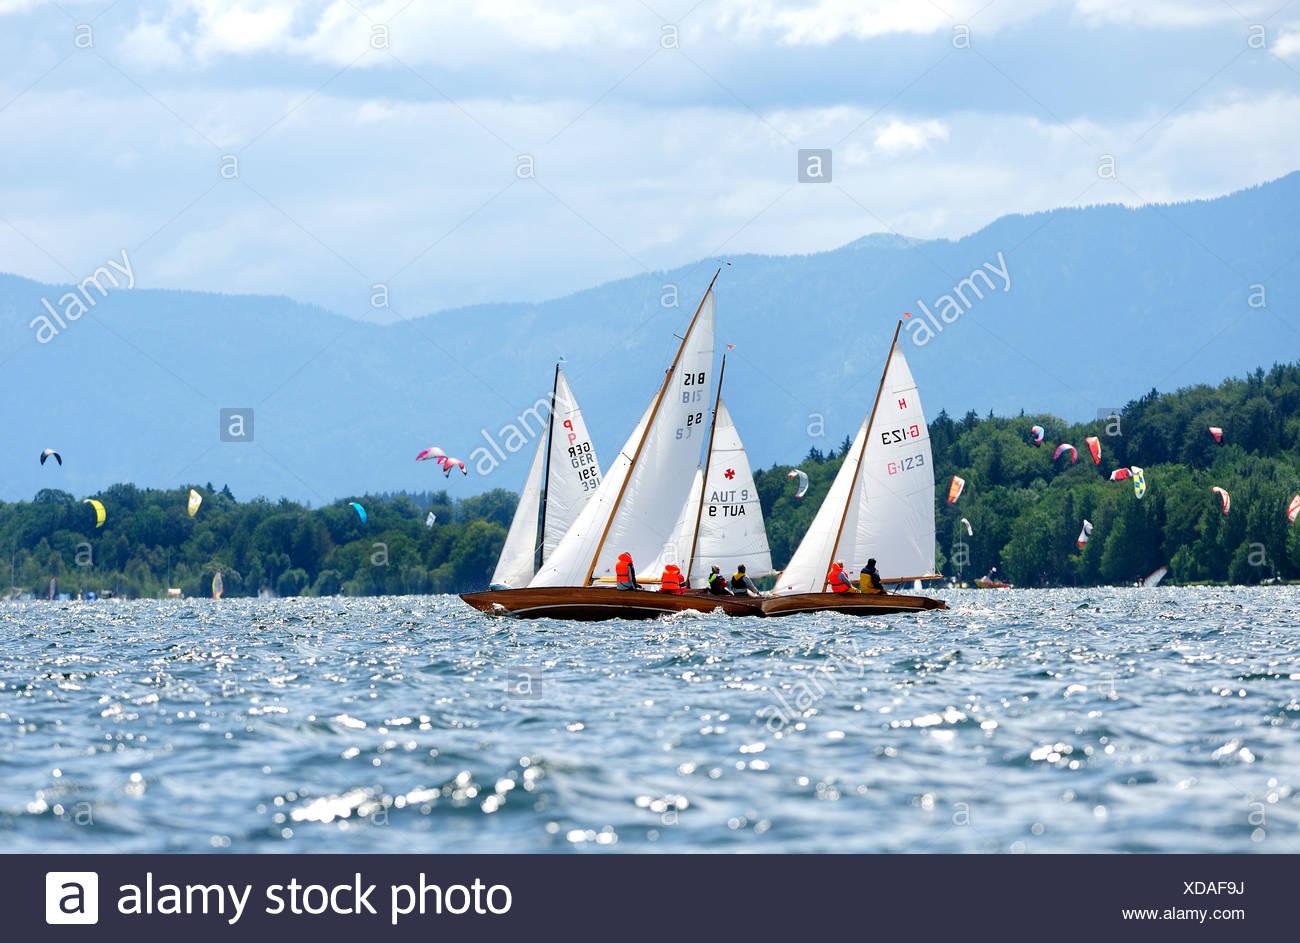 Les voiliers sur le lac de Starnberg, Upper Bavaria, Bavaria, Germany, Europe Photo Stock